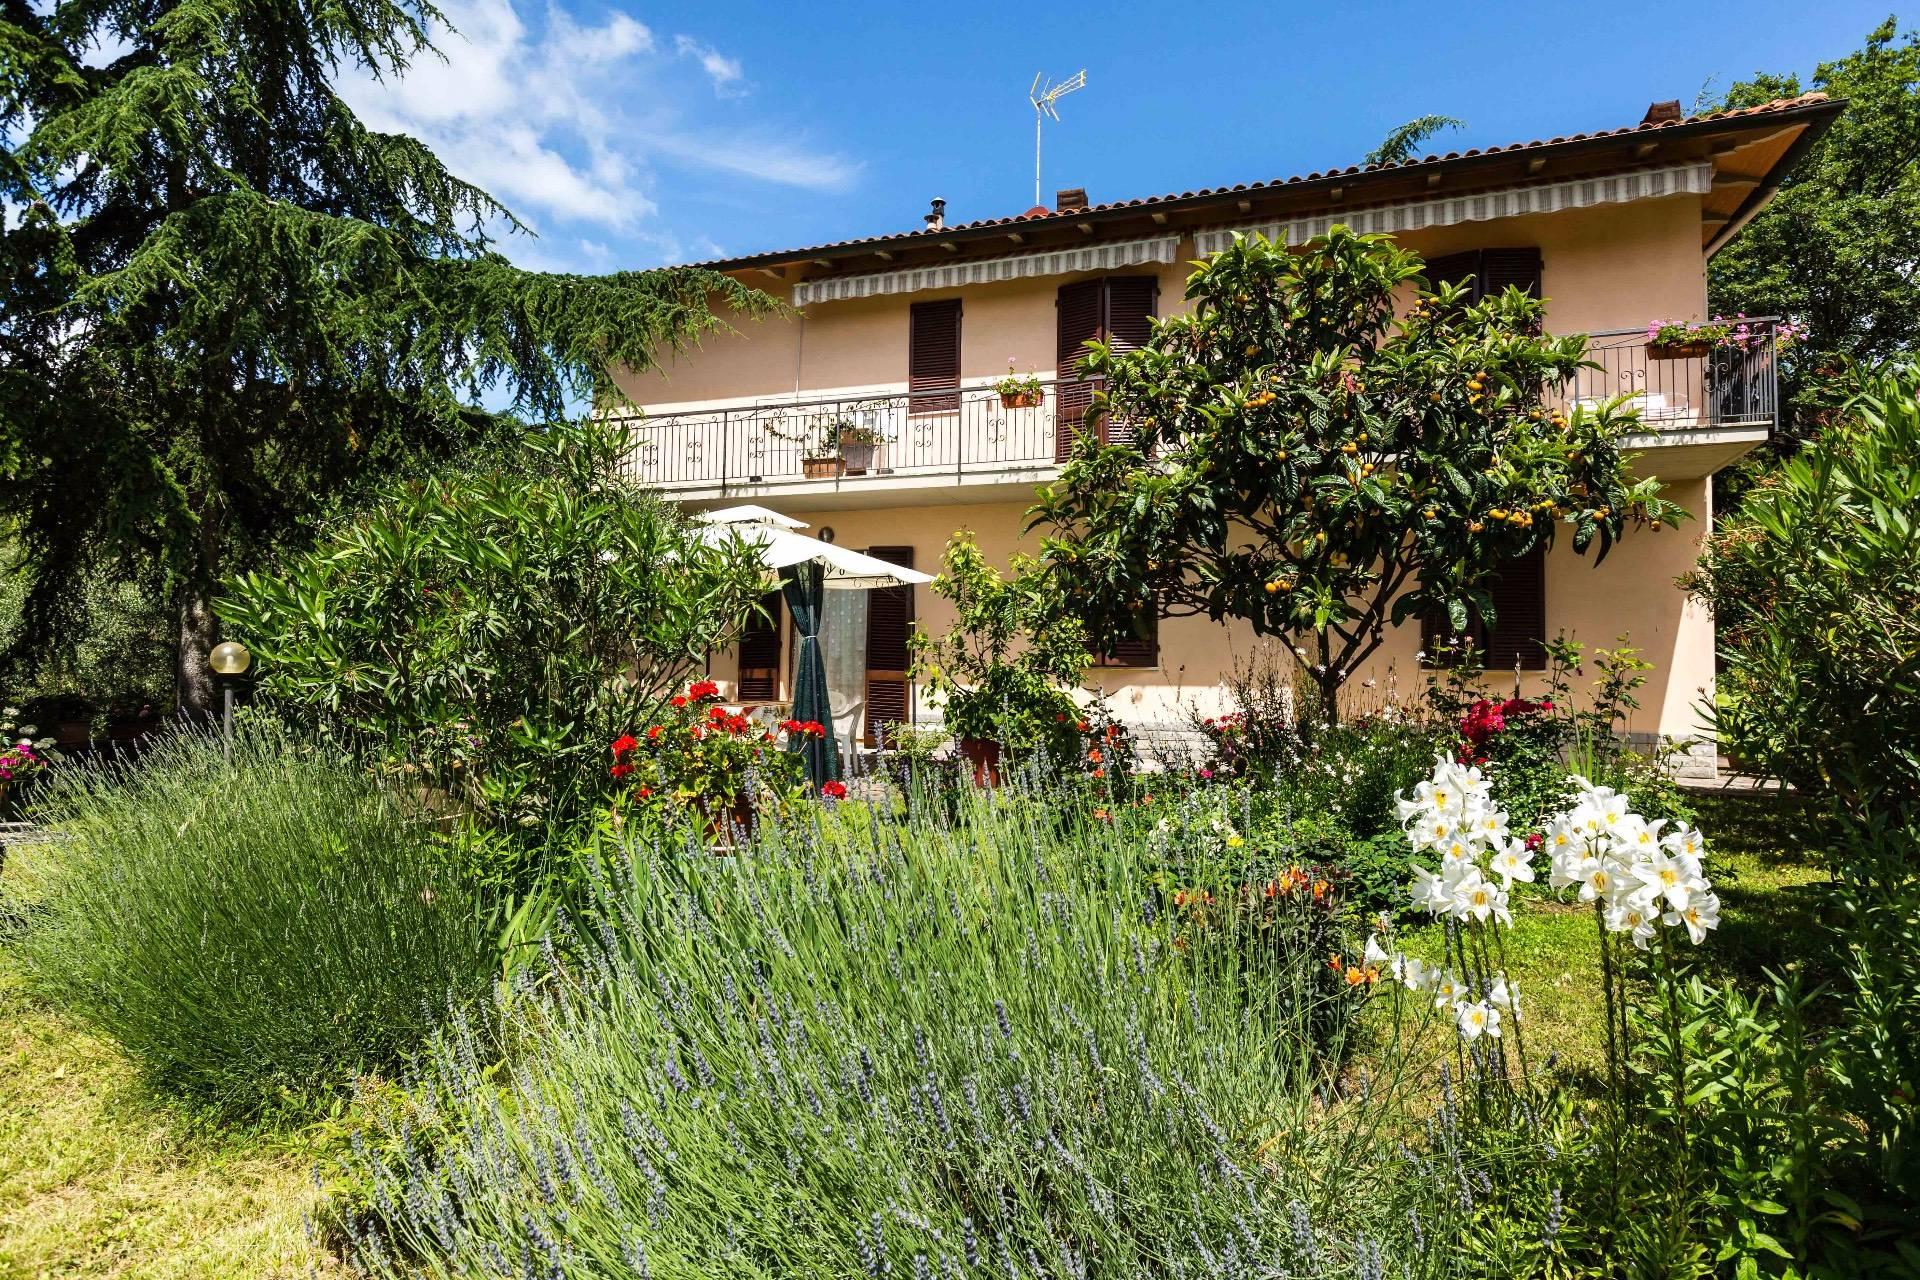 Rustico / Casale in vendita a Gaiole in Chianti, 10 locali, zona Zona: Lecchi, prezzo € 790.000 | Cambio Casa.it